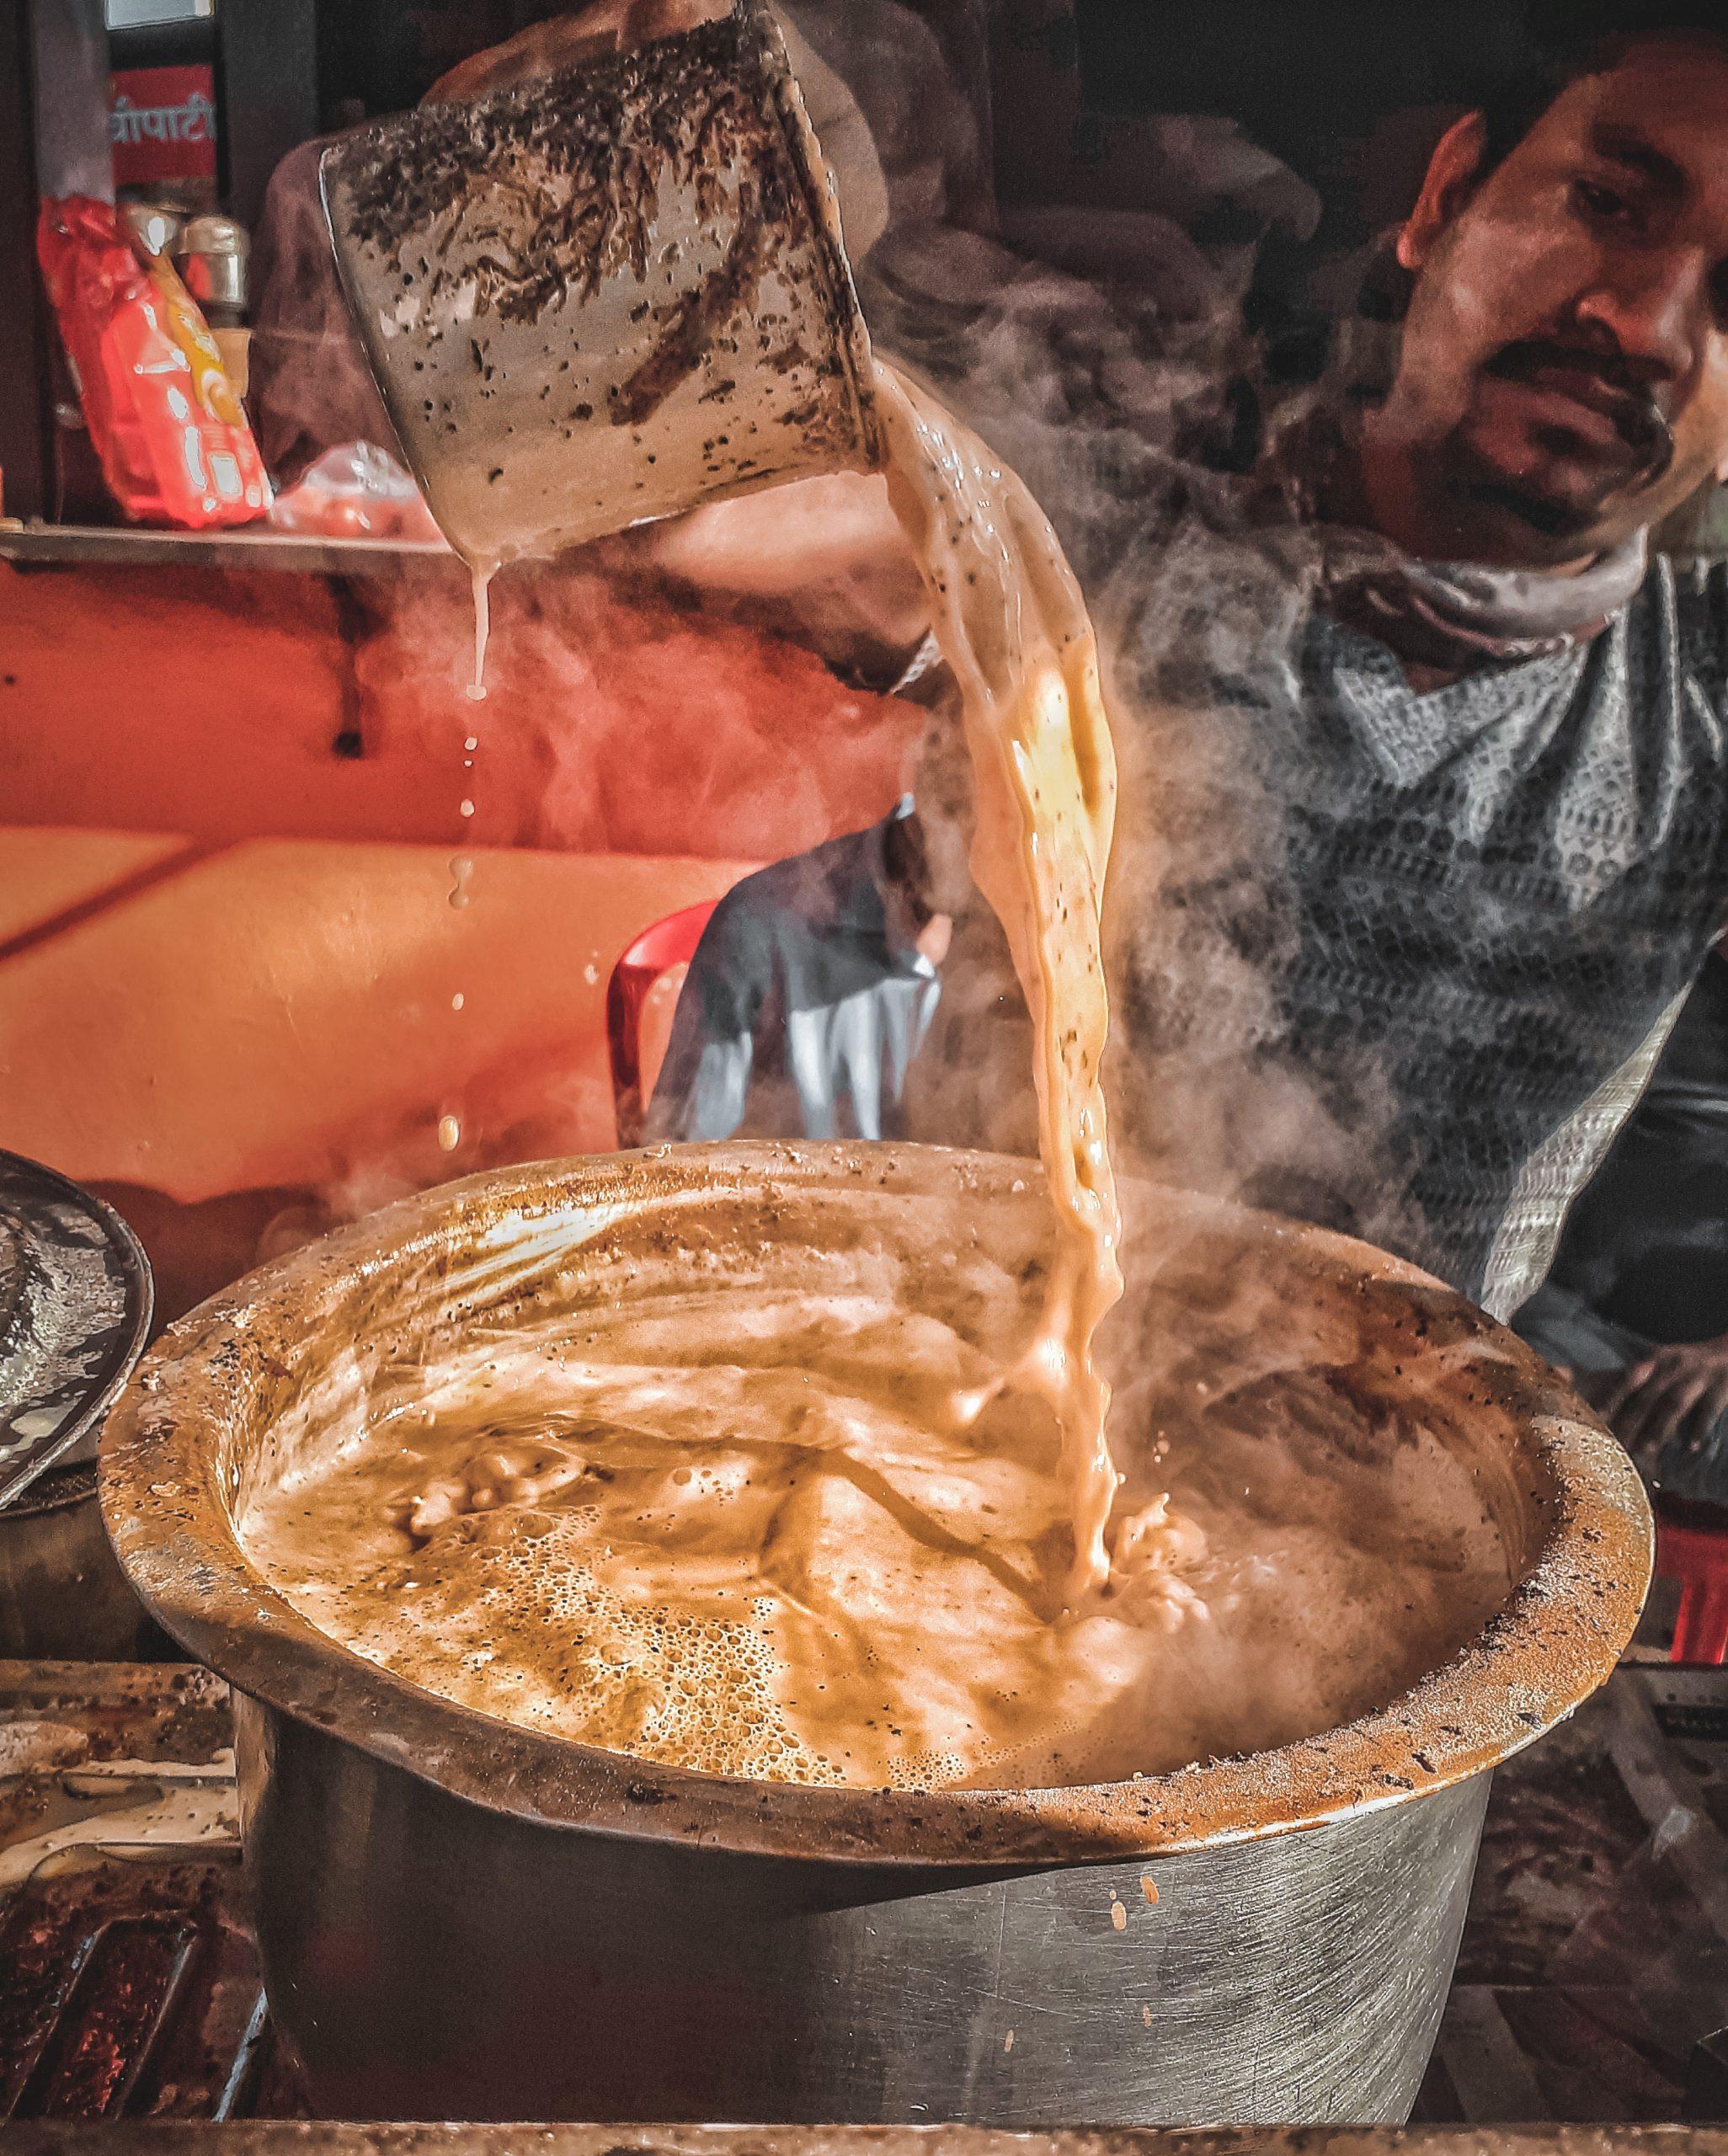 A tea maker